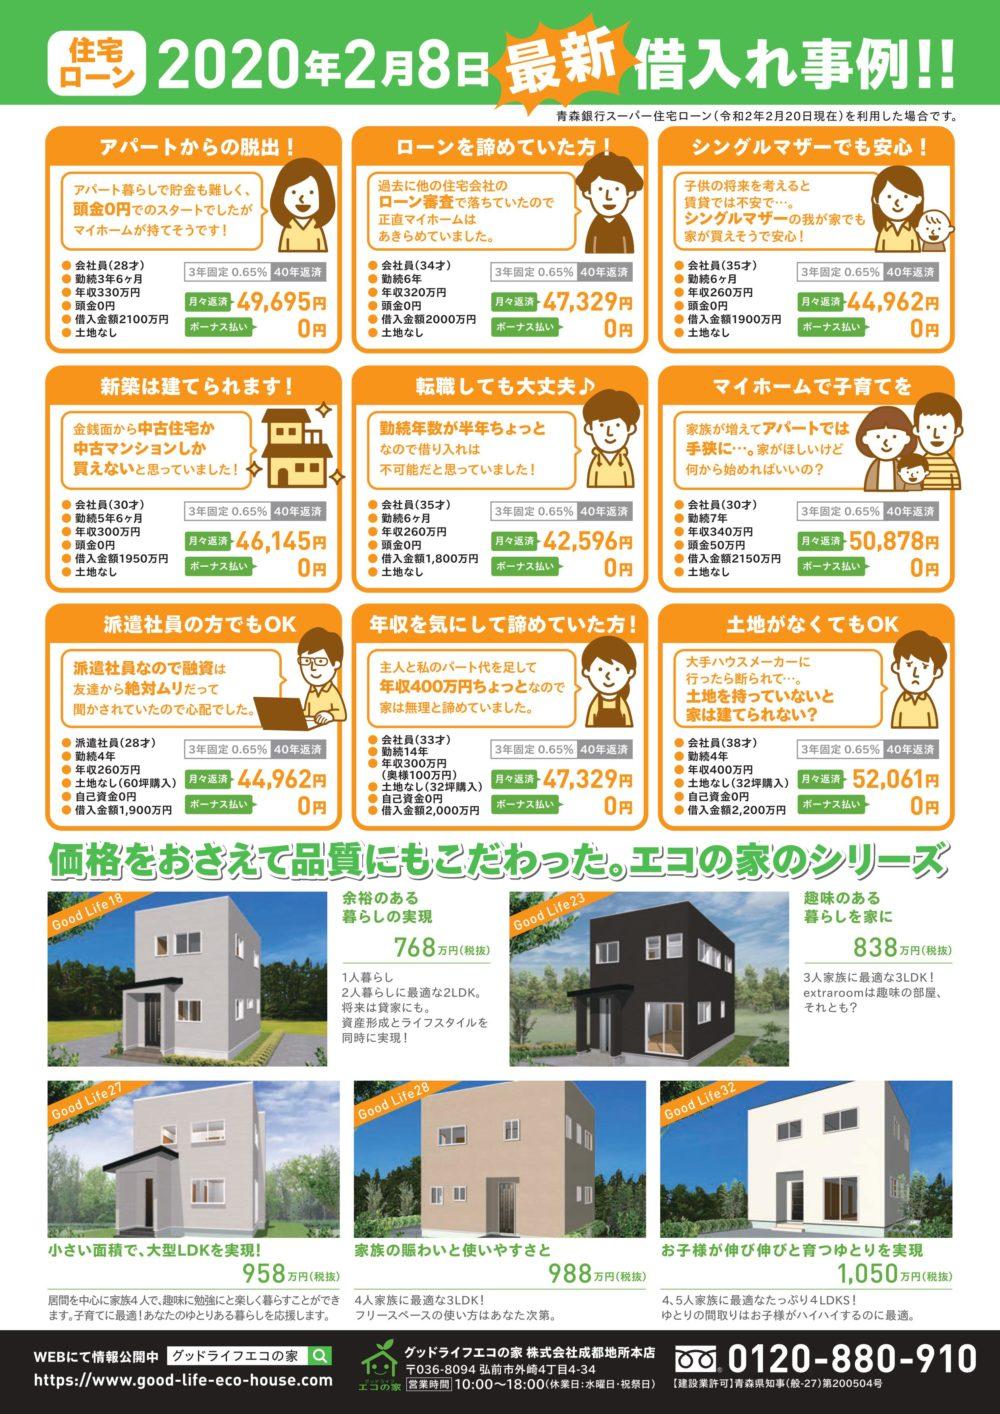 城東展示場-3月見学会 弘前市城東 グッドライフ エコの家